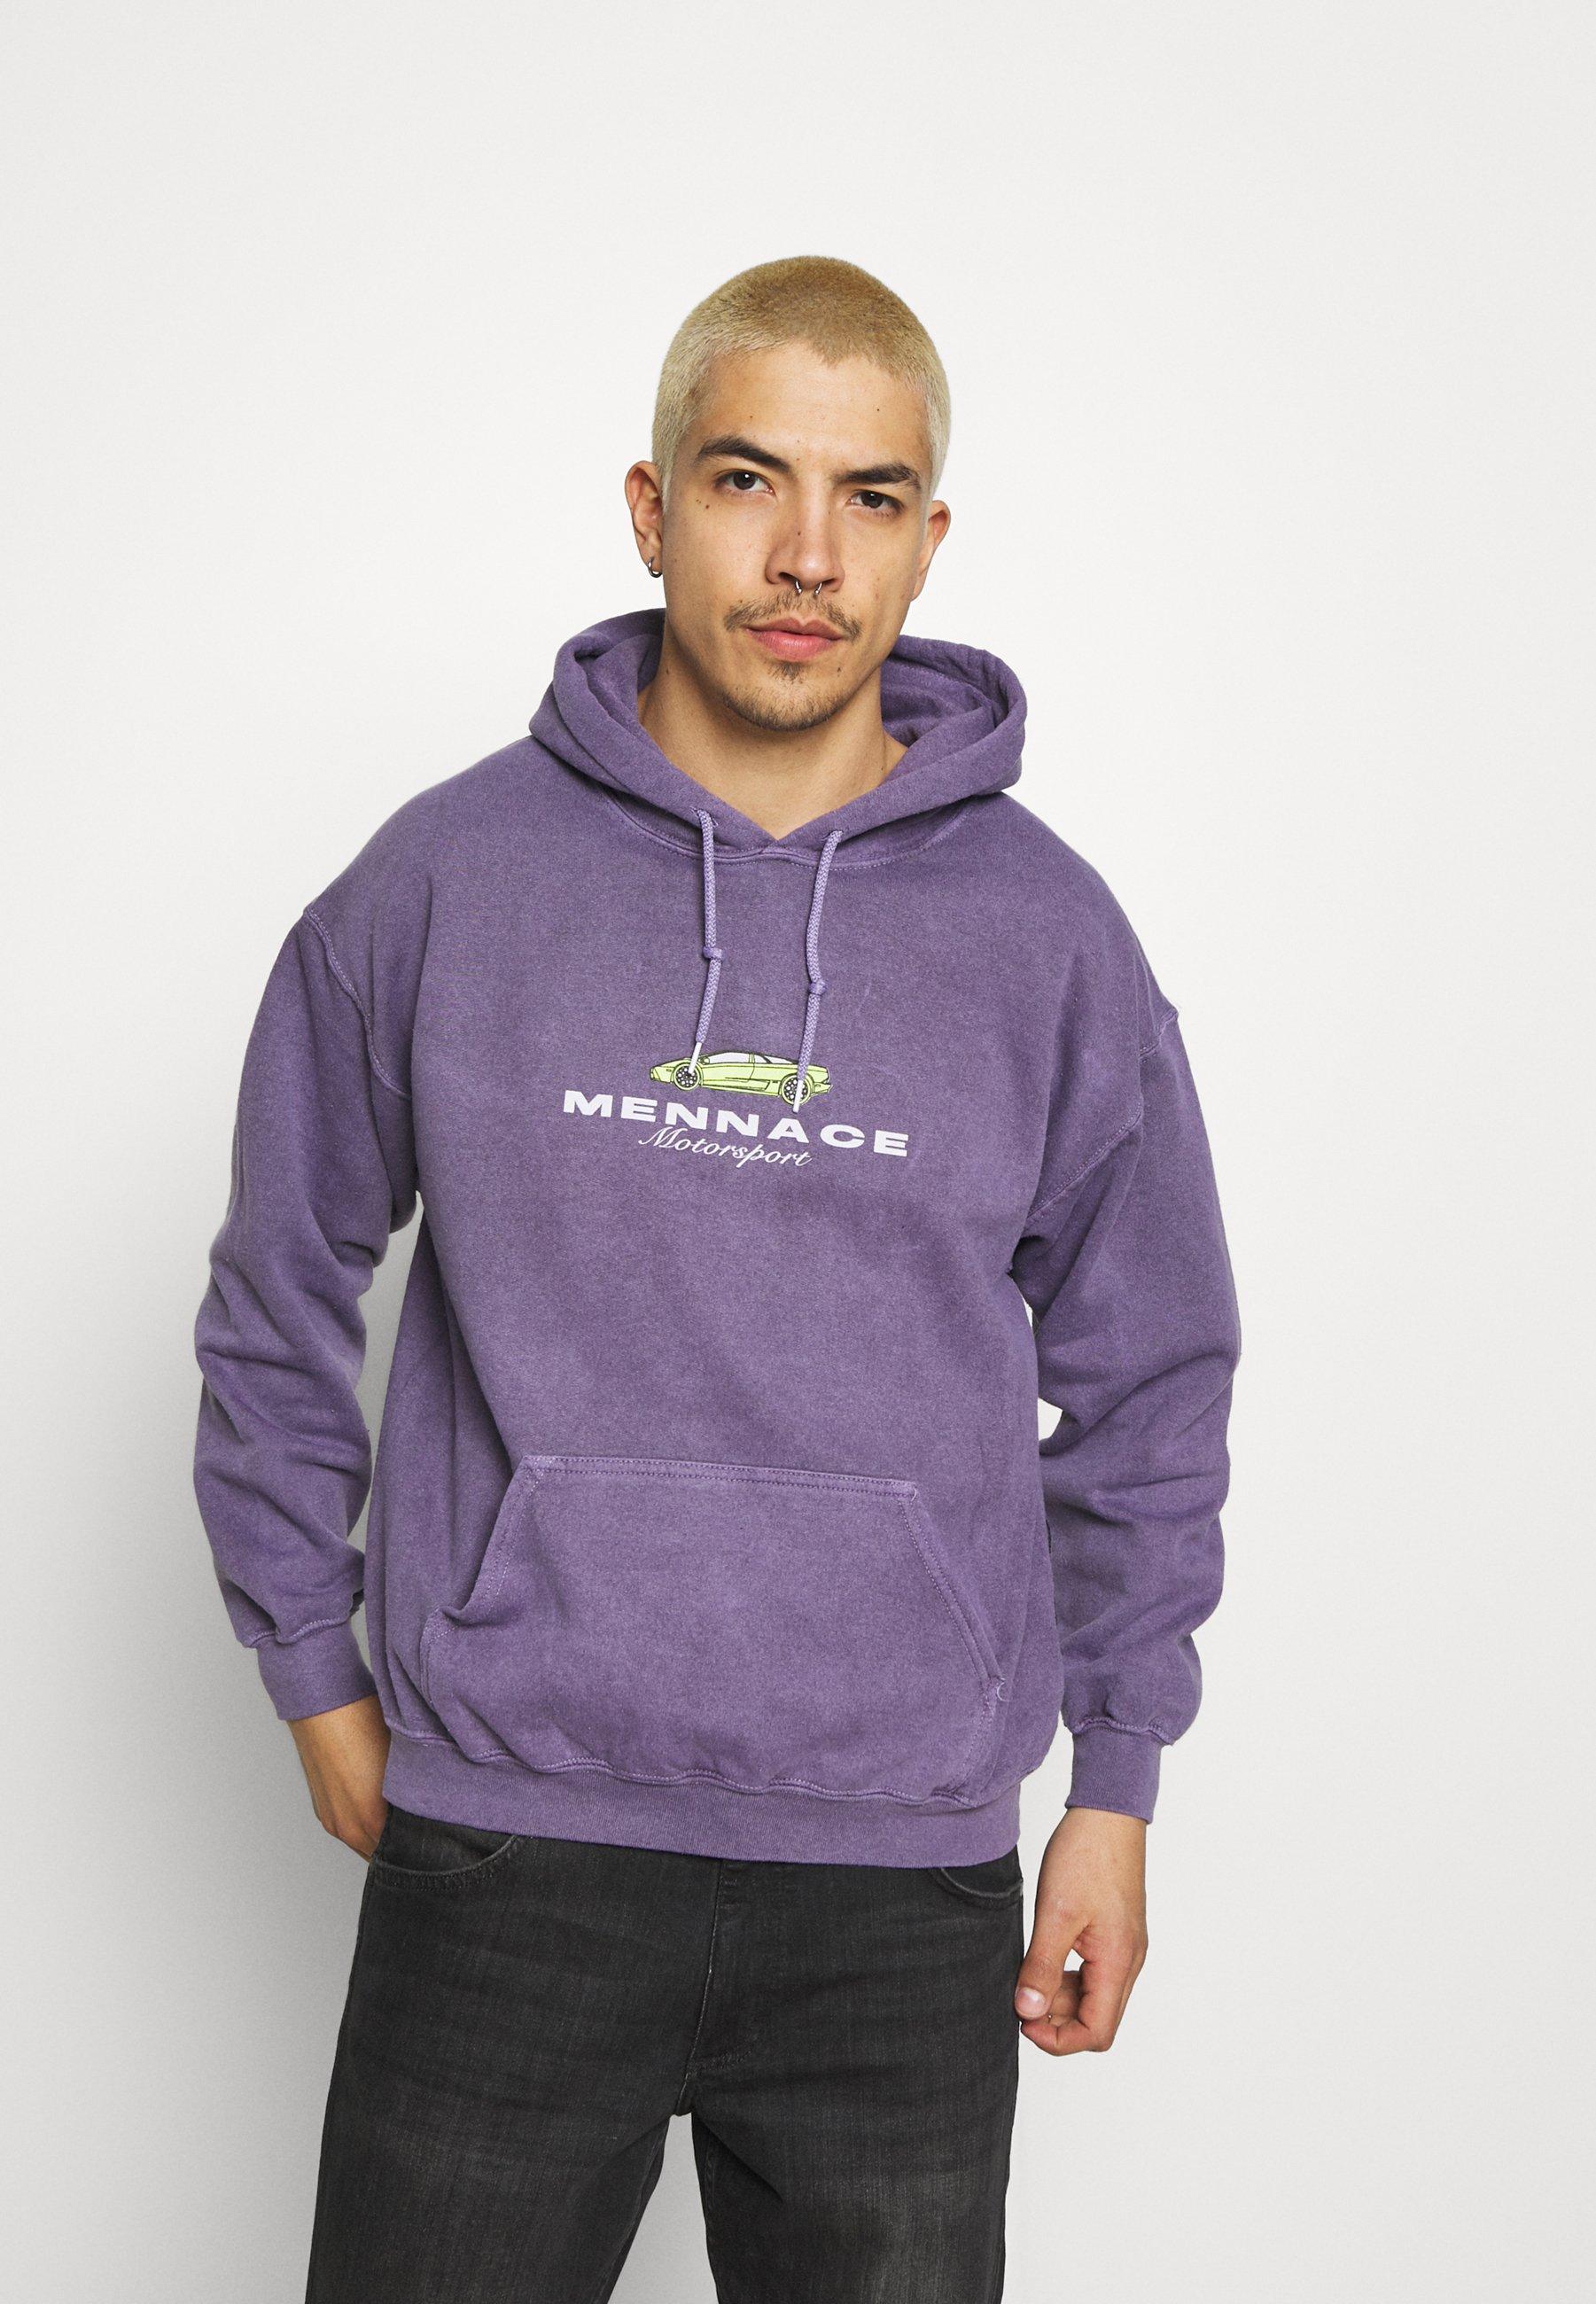 Homme MENNACE MOTORSPORT HOODIE - Sweatshirt